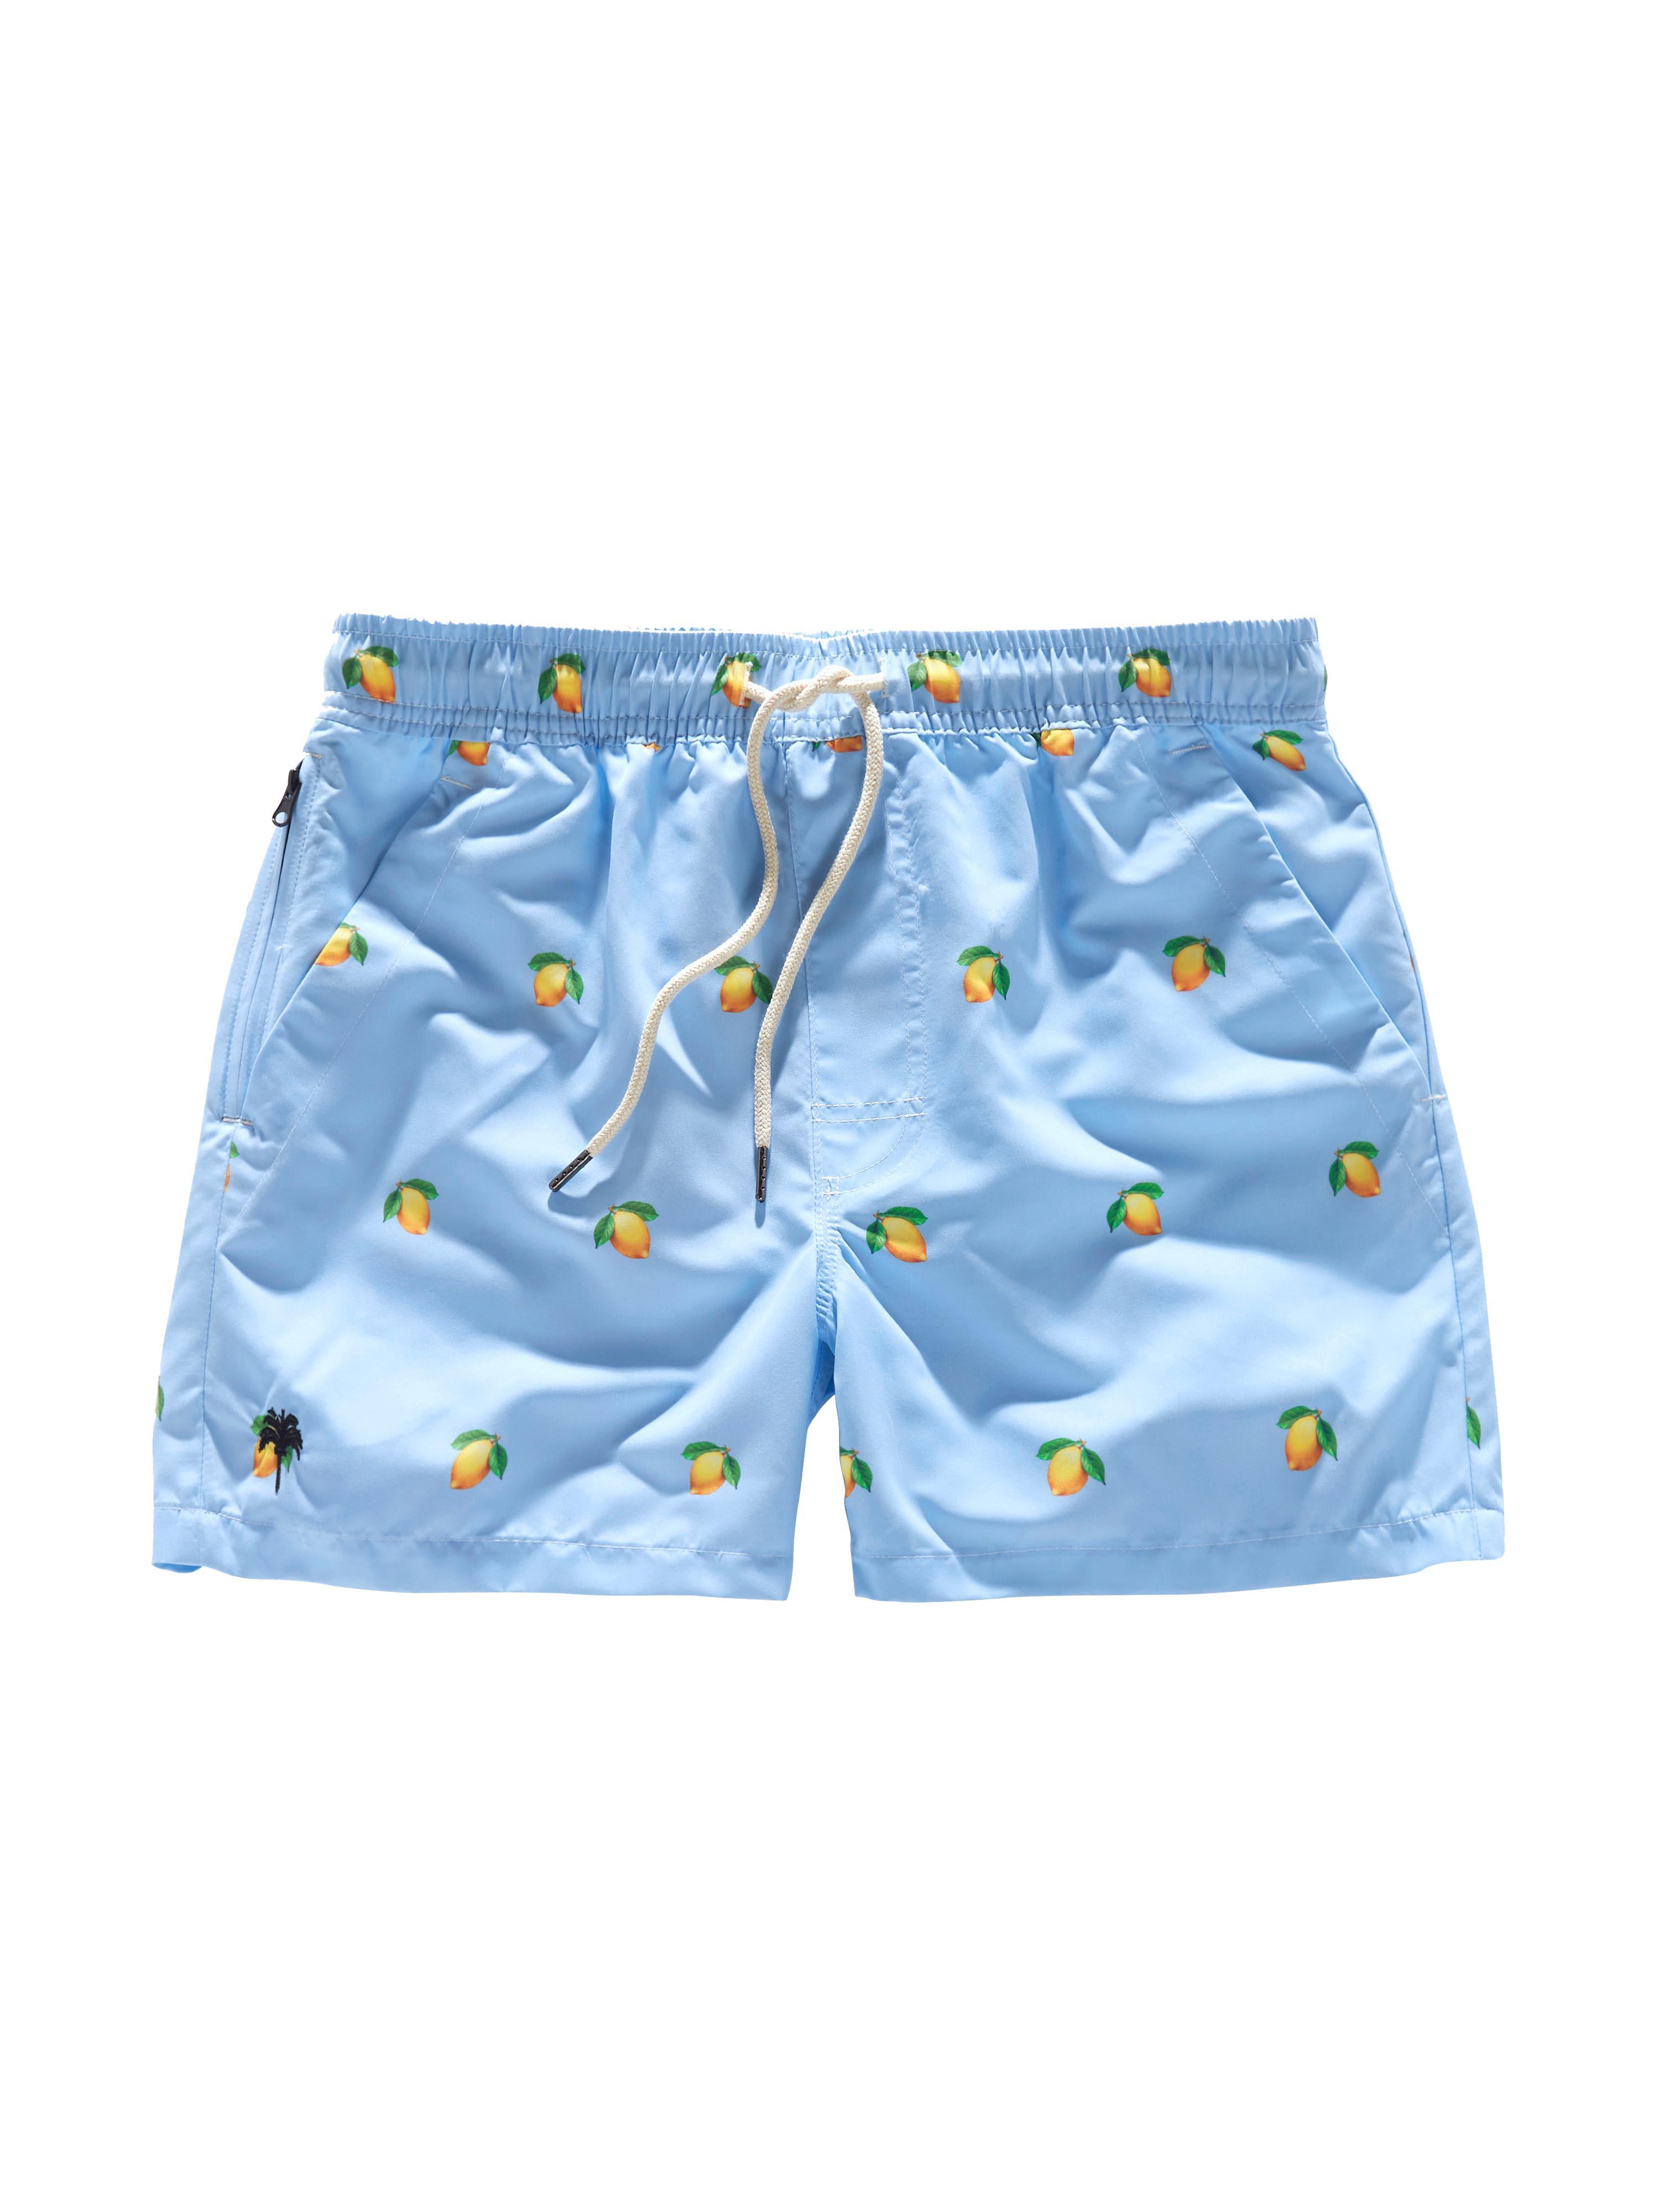 Blue Lemon Swim Shorts